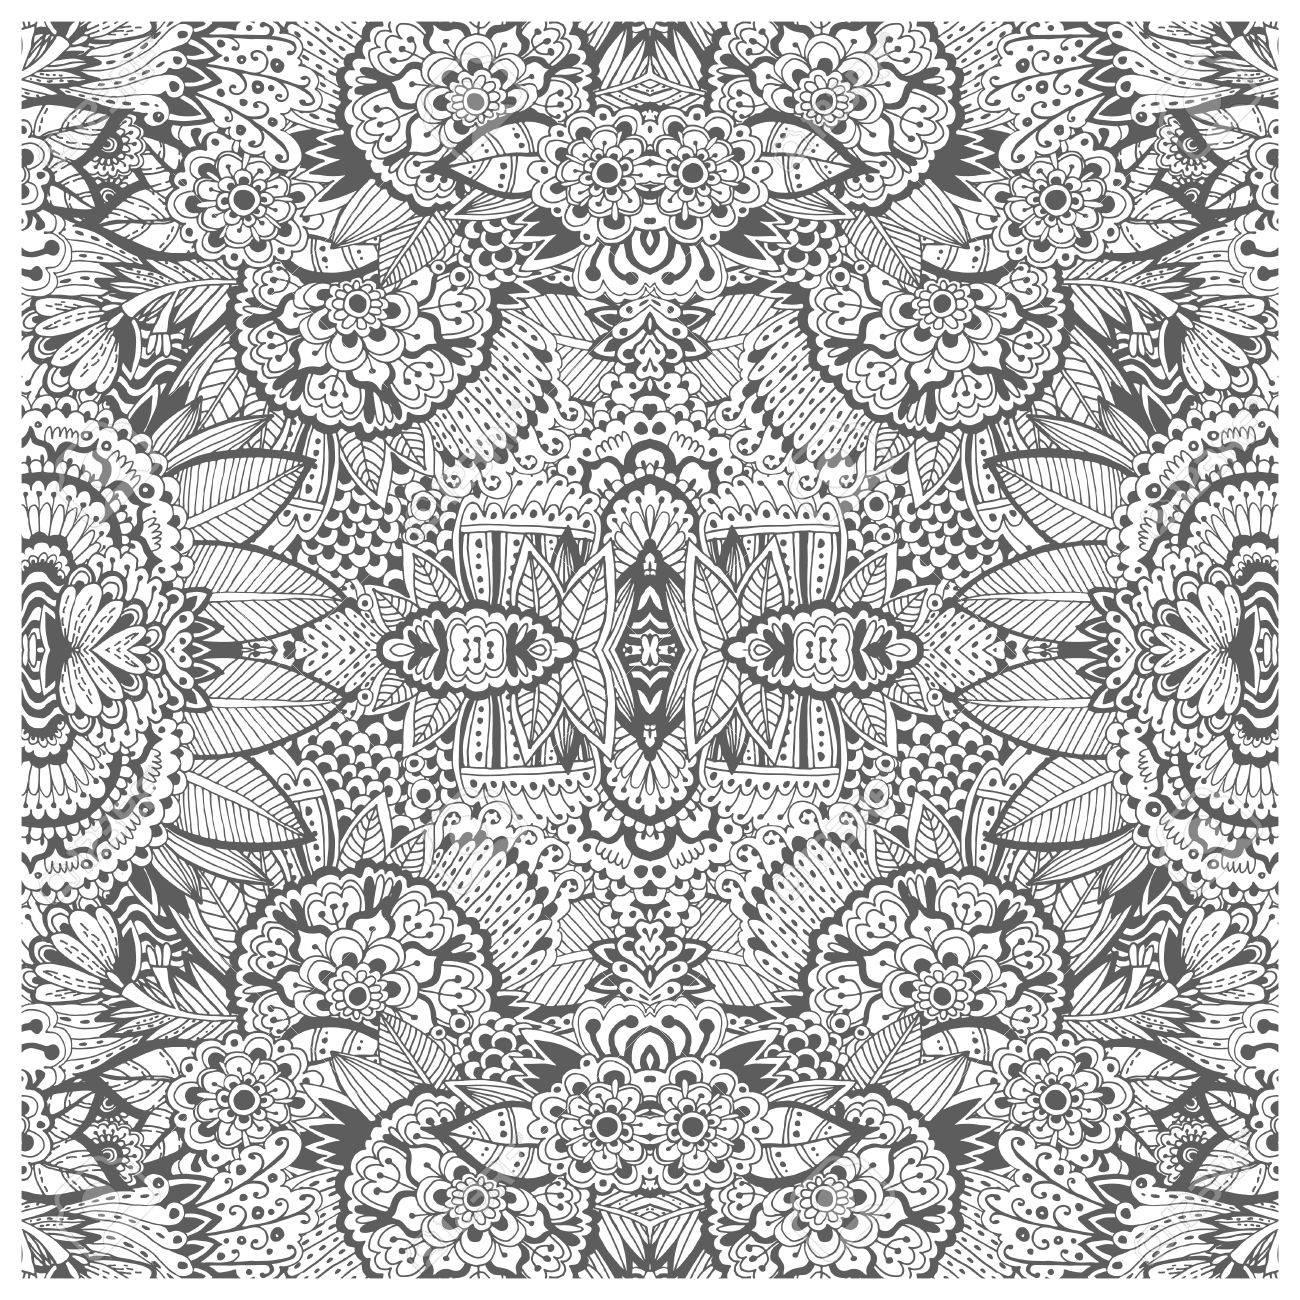 Unique Coloring Book Page For Adults - Floral Authentic Carpet ...